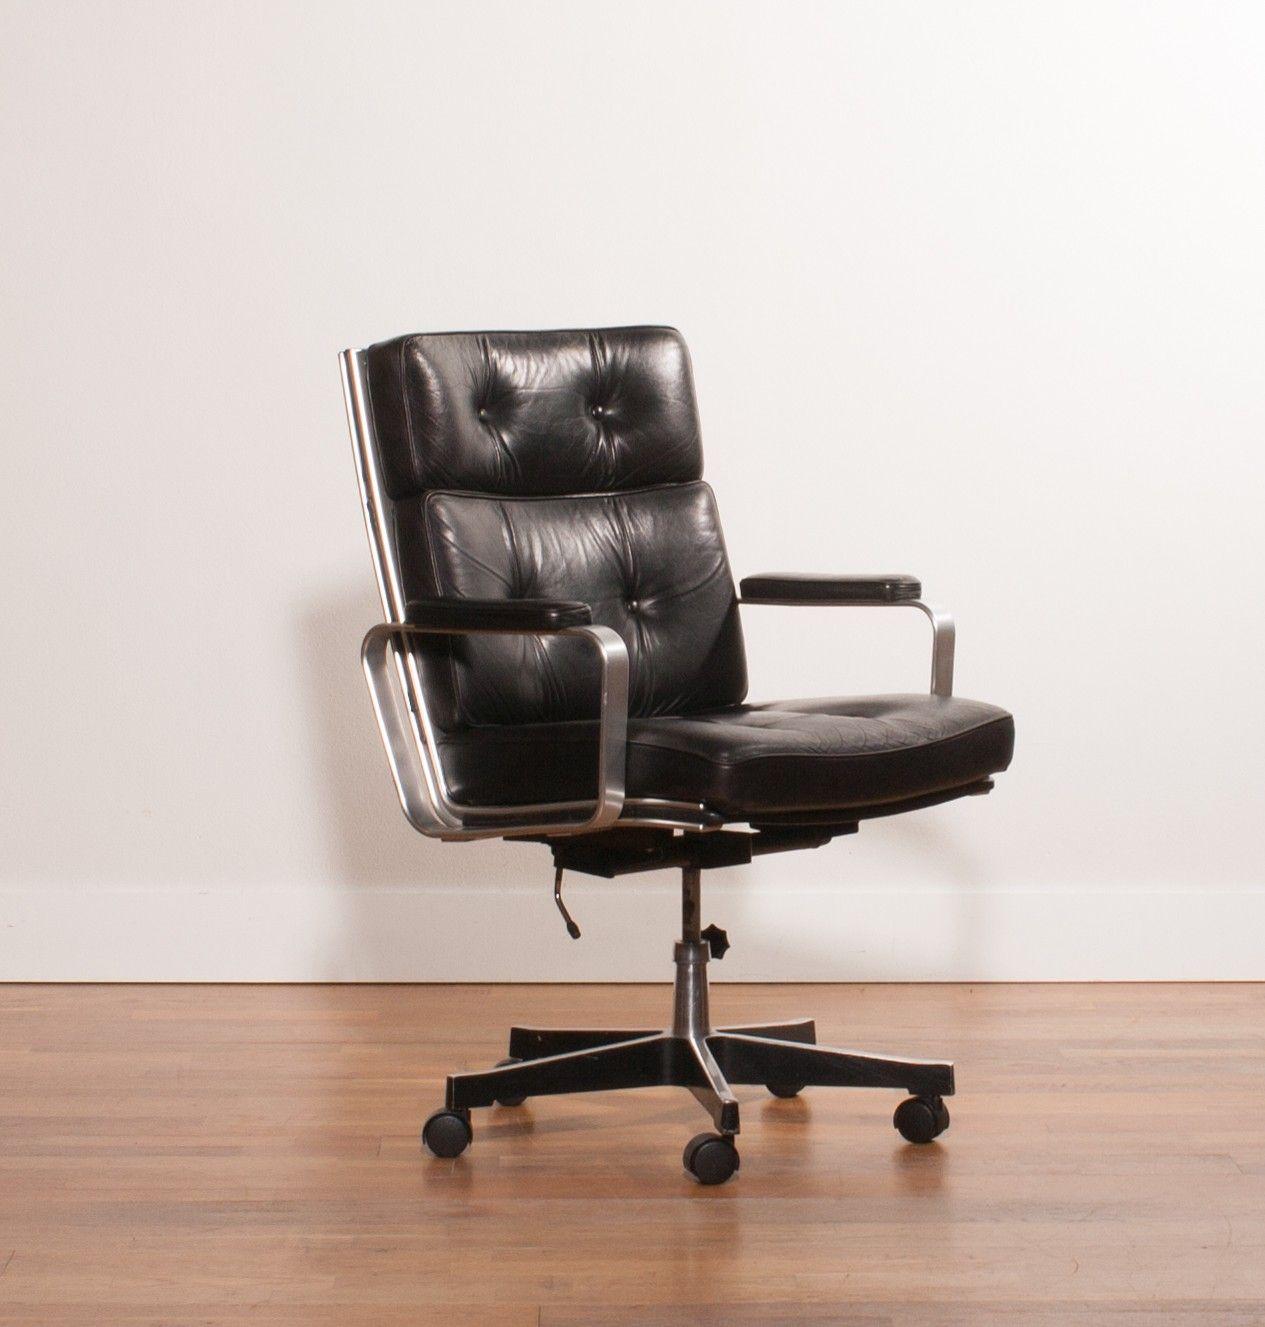 chaise de bureau vintage noire karl erik ejselius 1970 - Chaise De Bureau Vintage